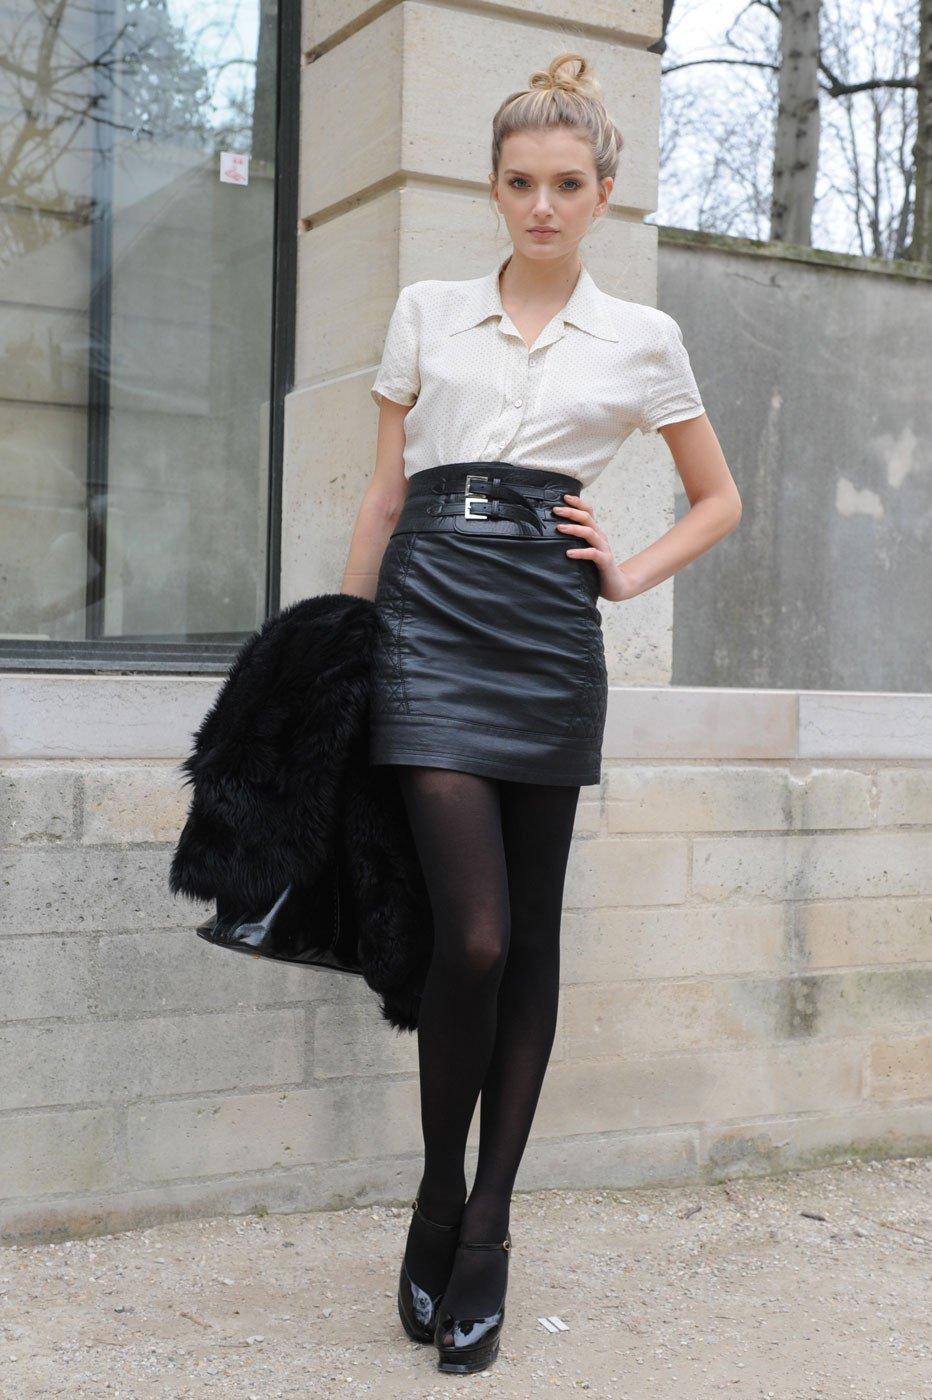 Фото в кожаных юбках девушки 2 фотография